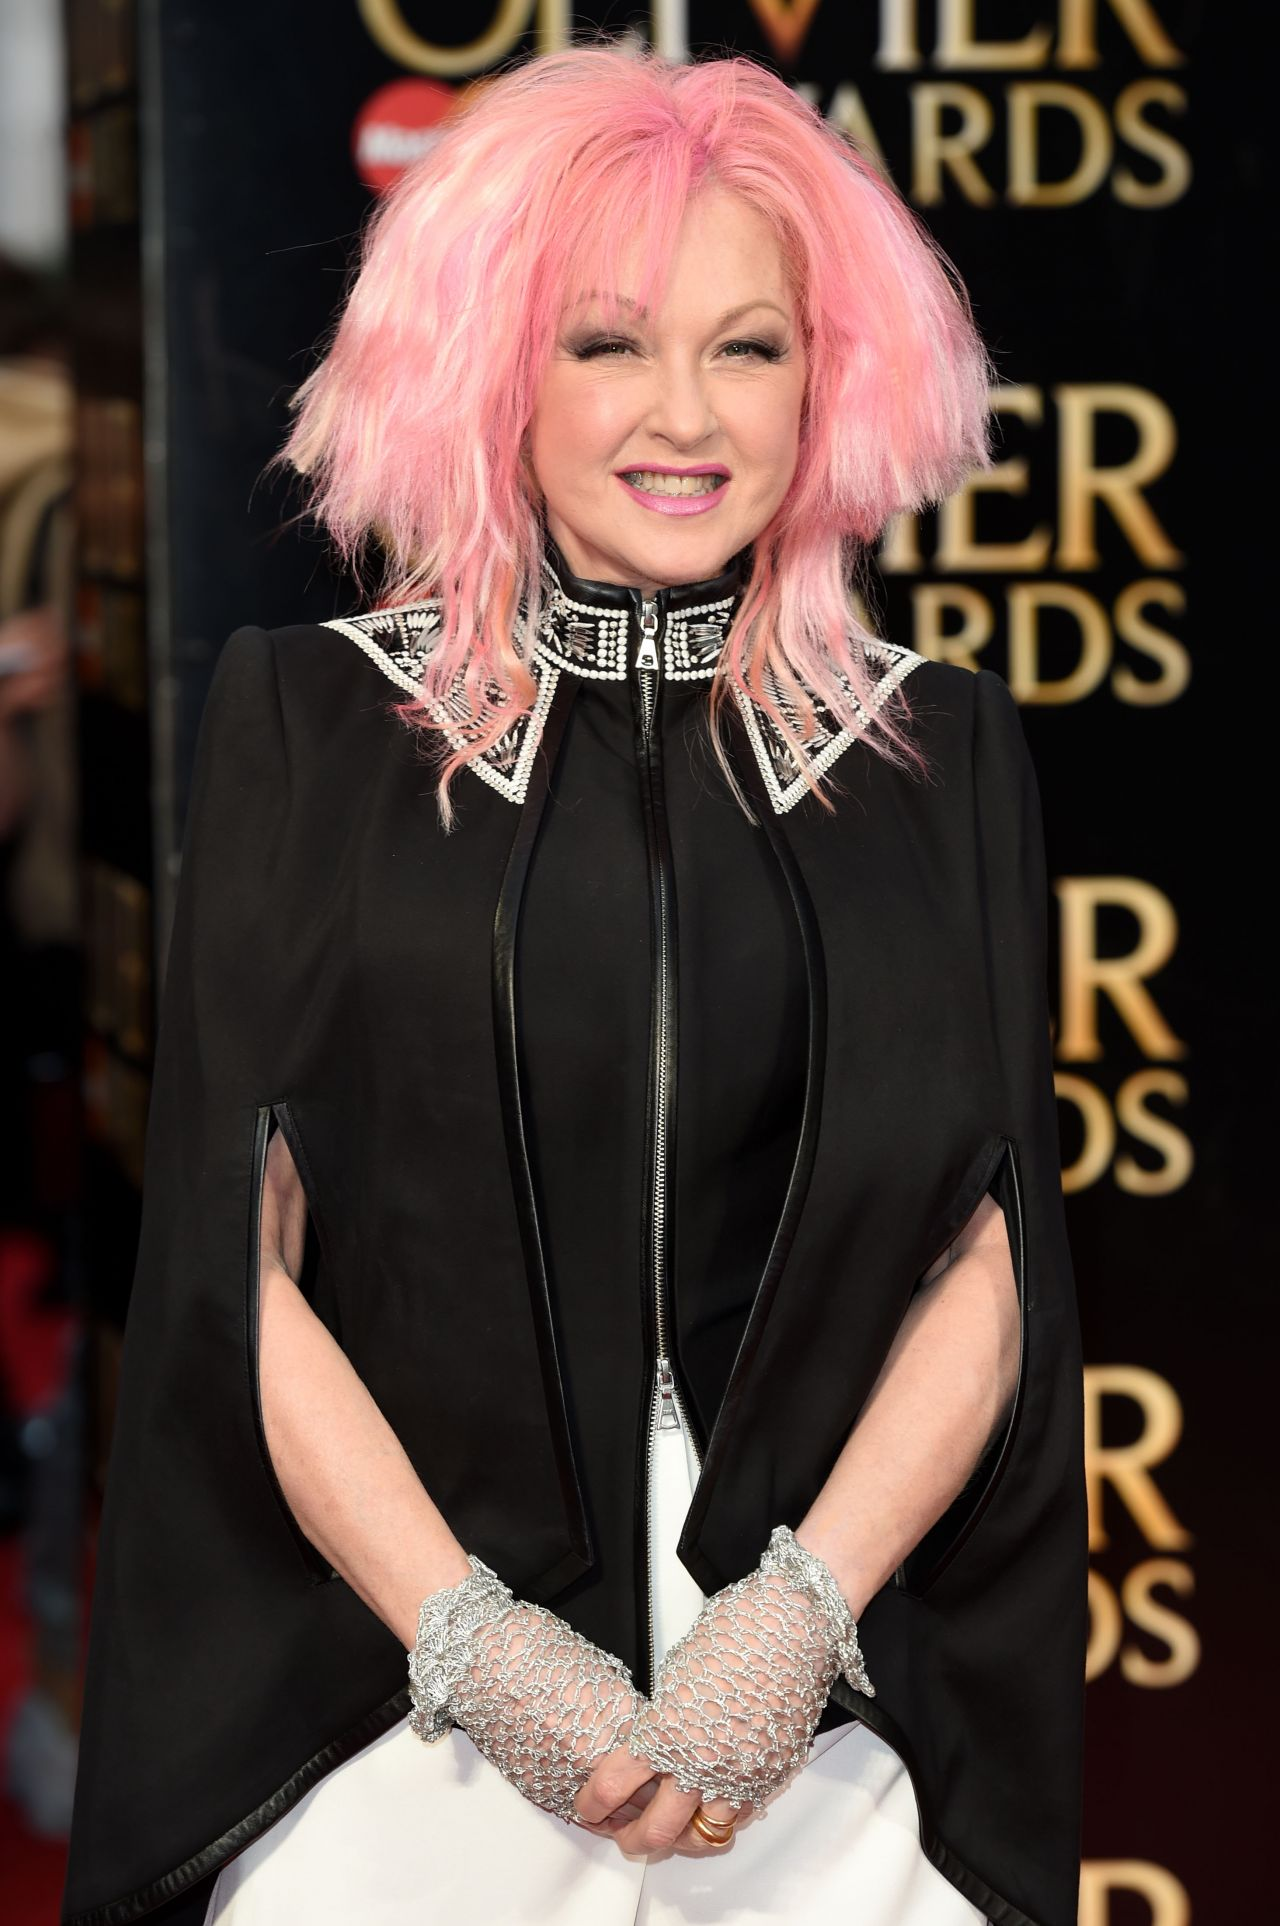 Cyndi Lauper Olivier Awards 2016 At The Royal Opera